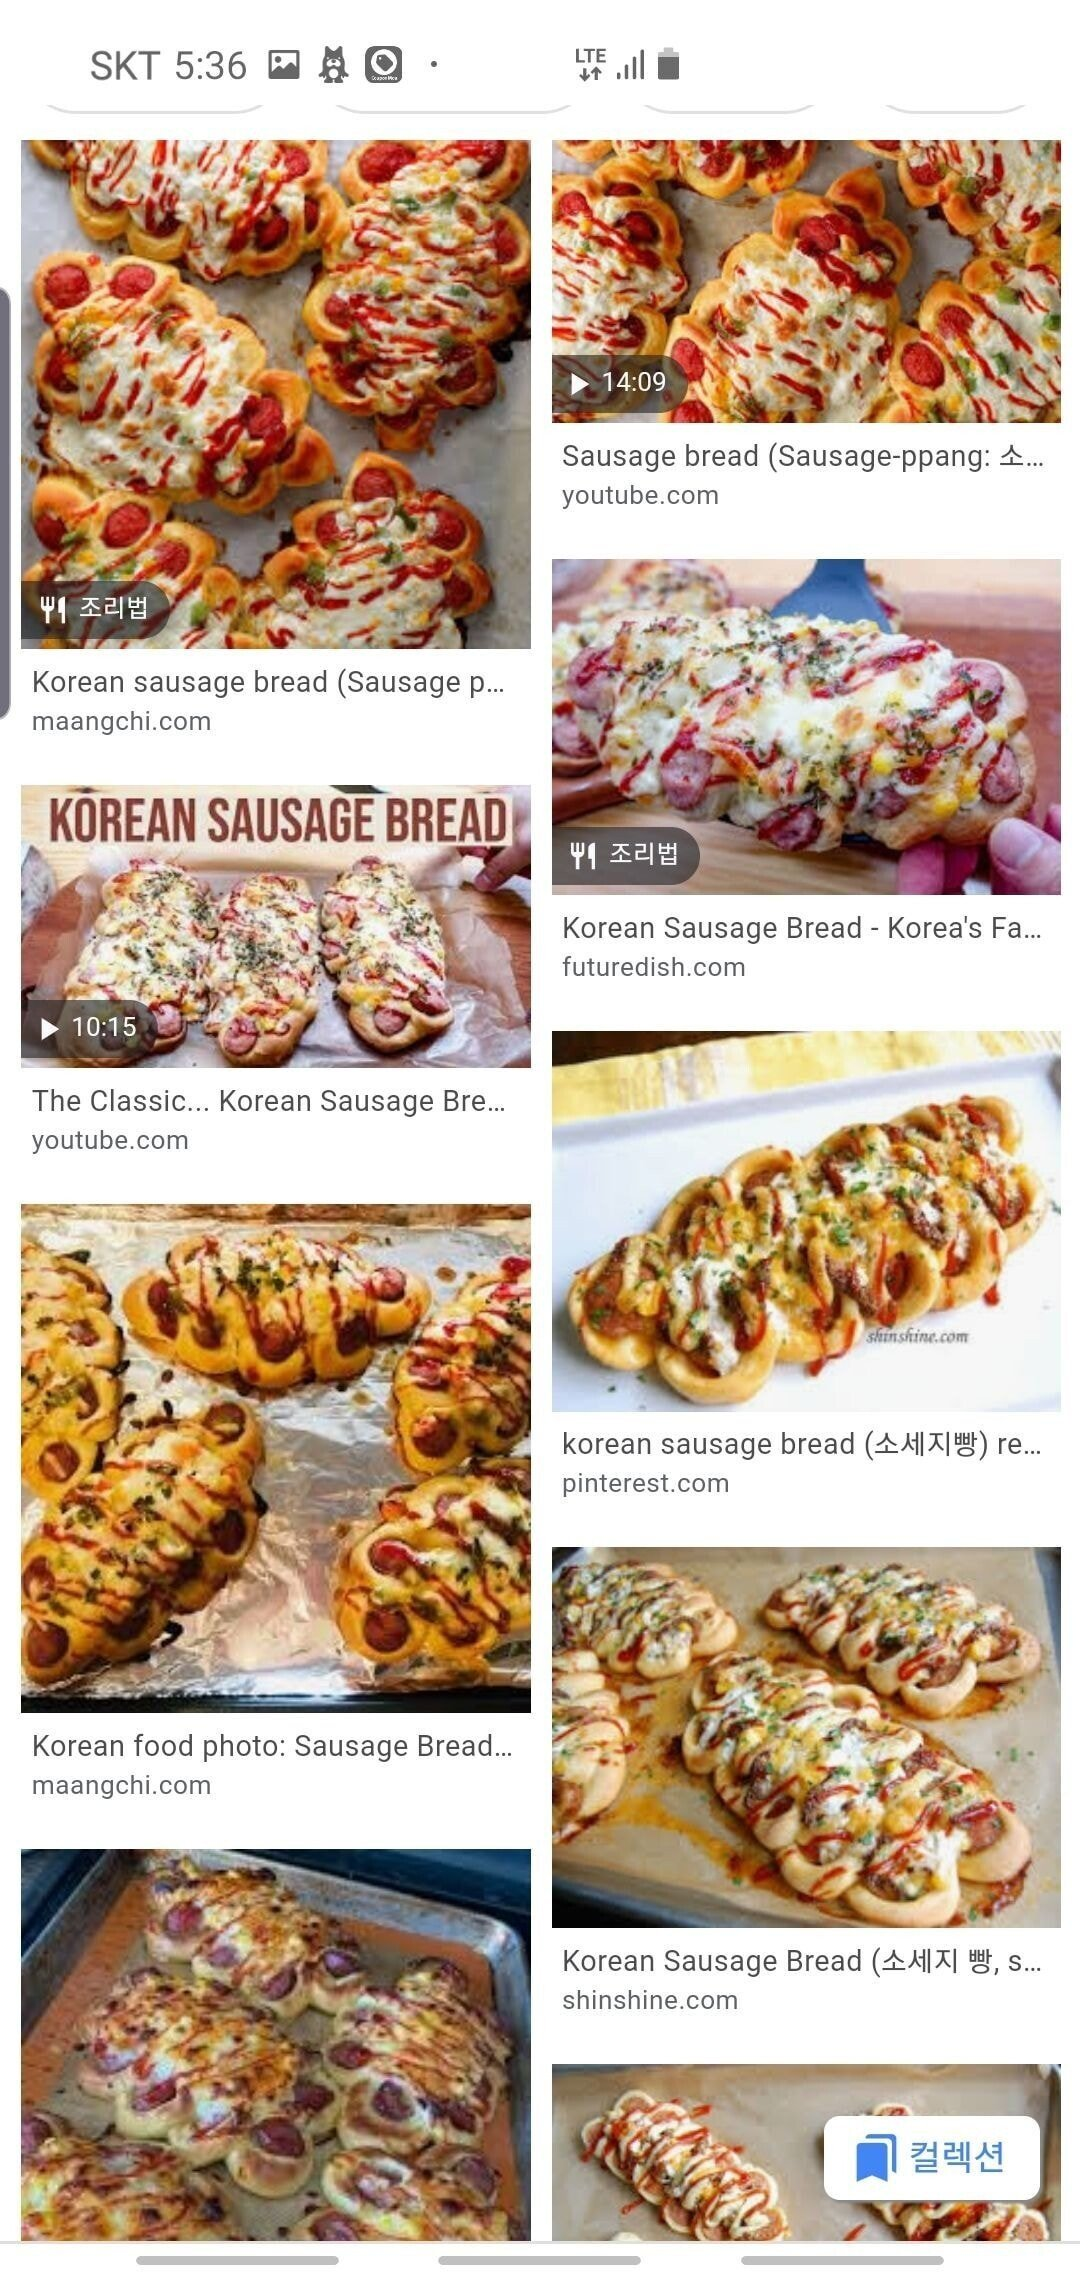 의외로 '한국음식' 으로 알려진 빵.jpg